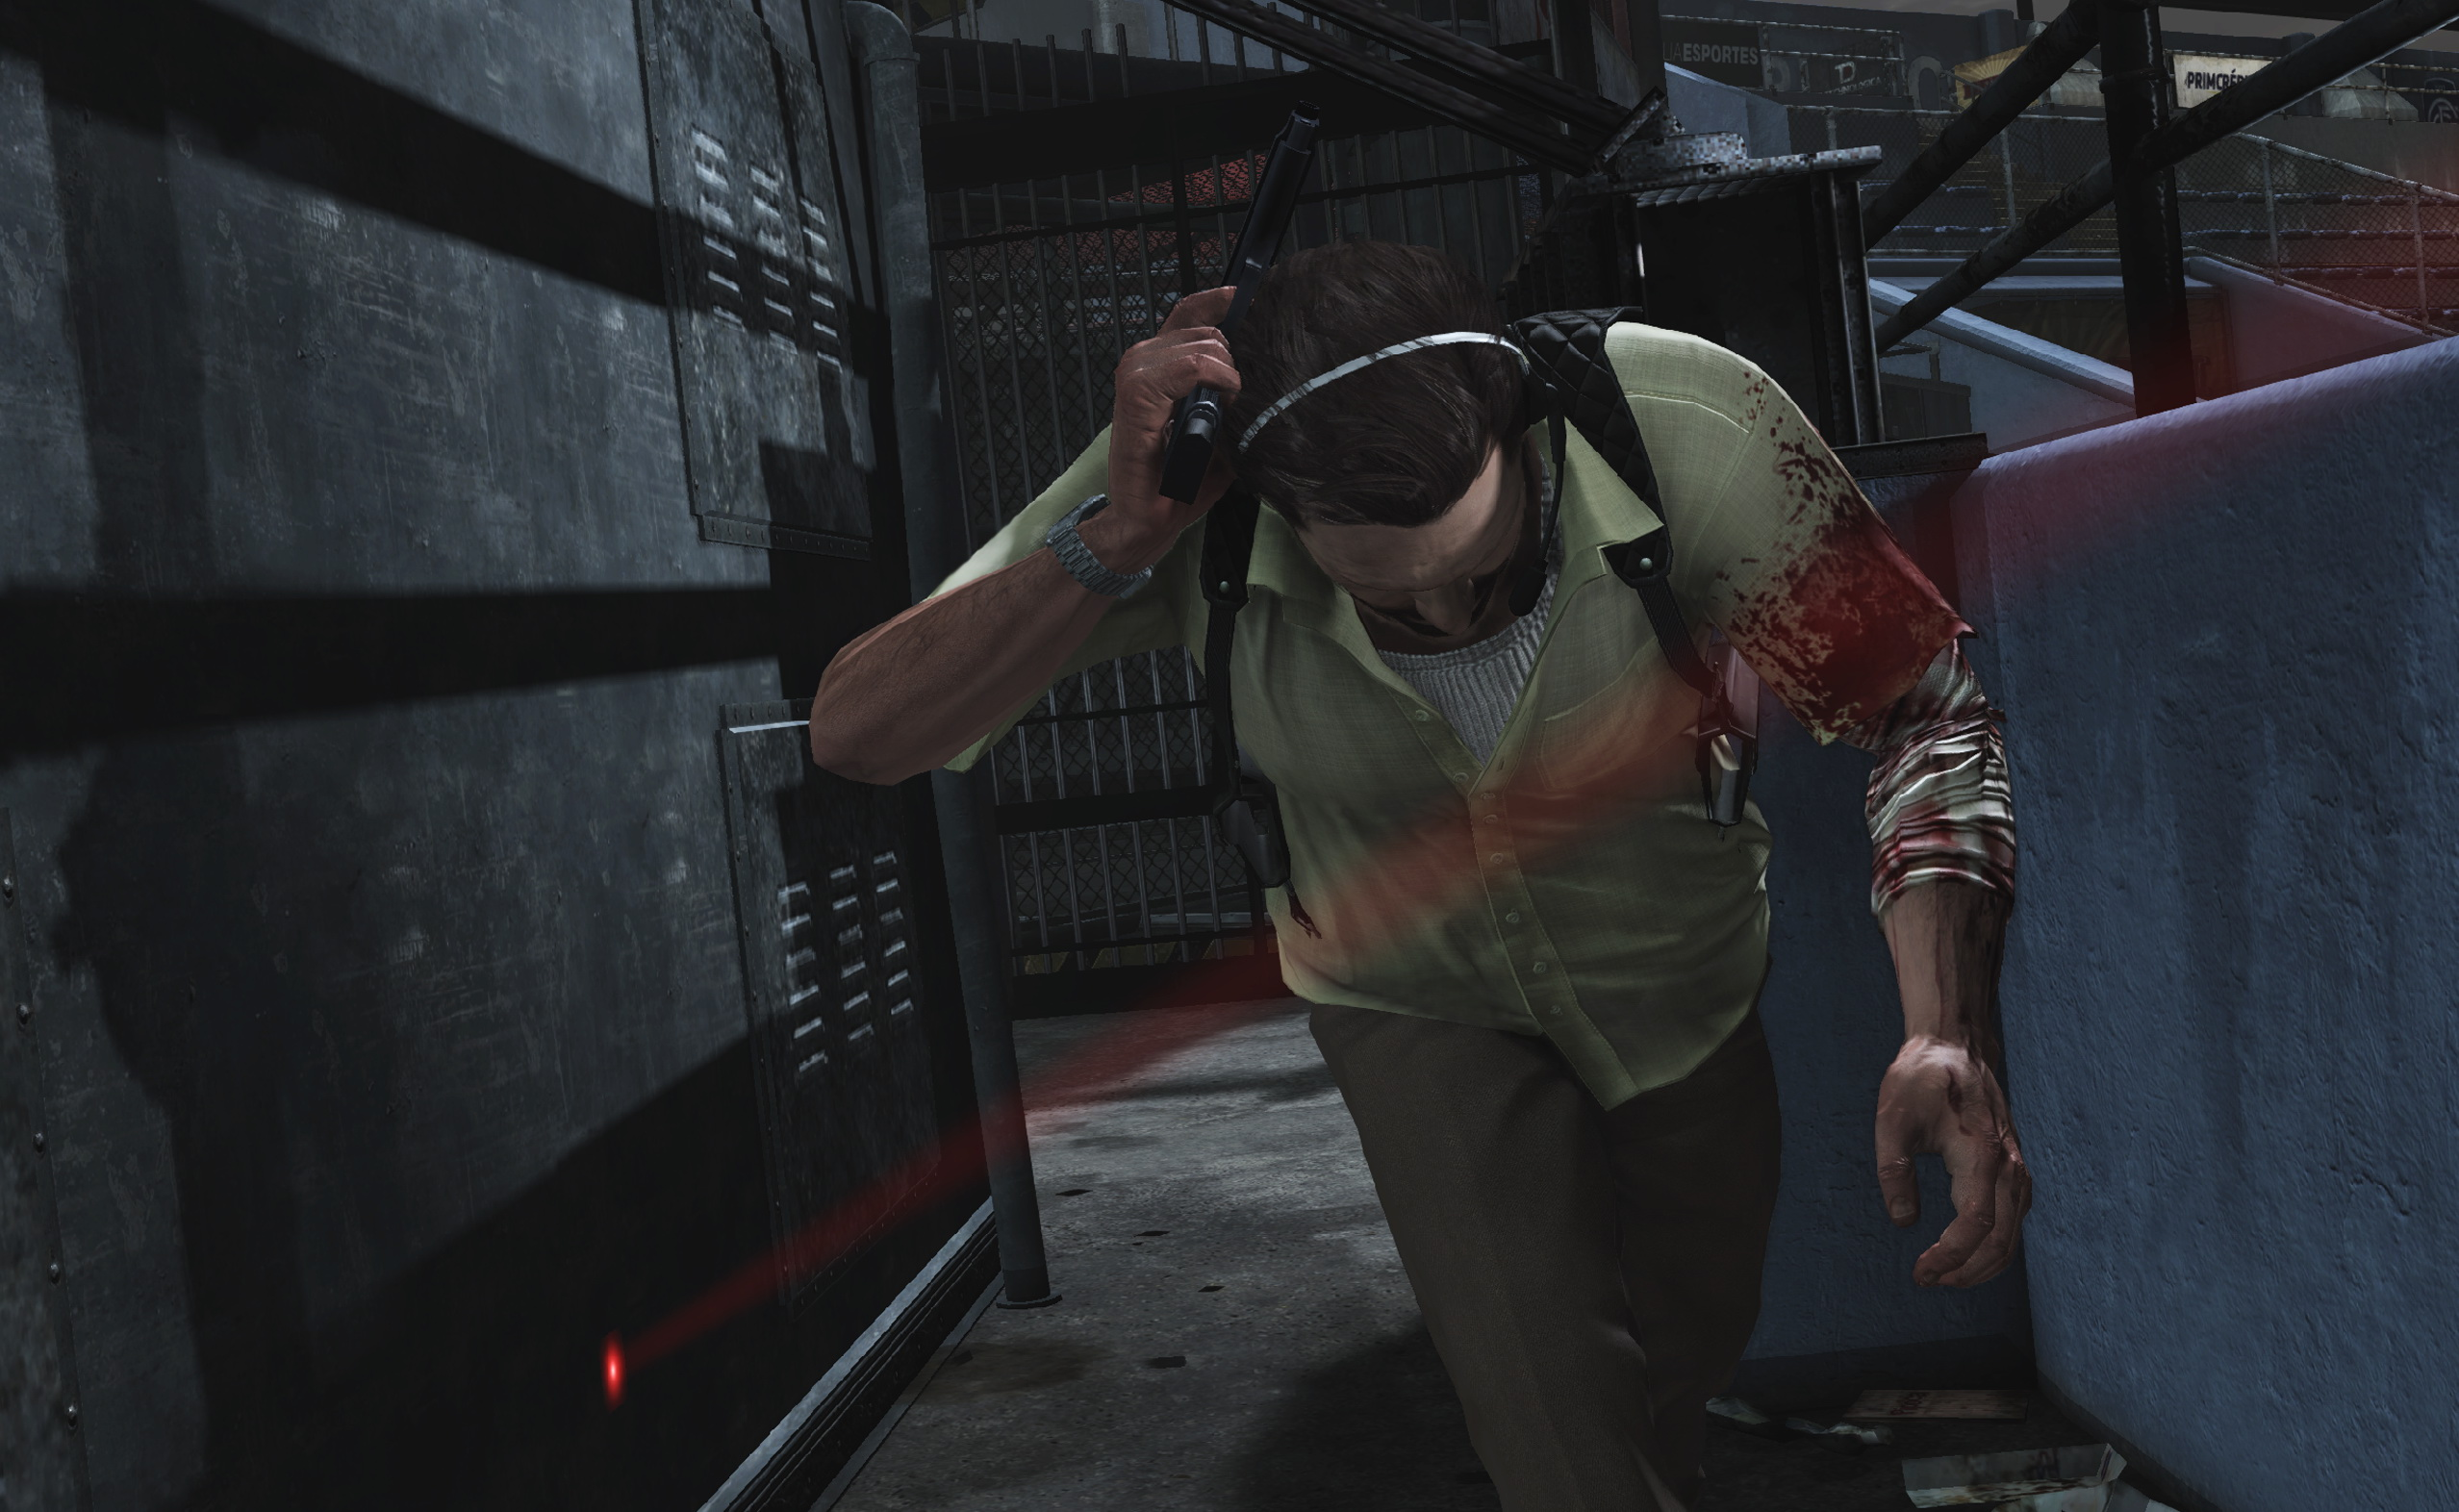 Max Payne 3 – Max bude krvácet, dokazují nové obrázky 61398